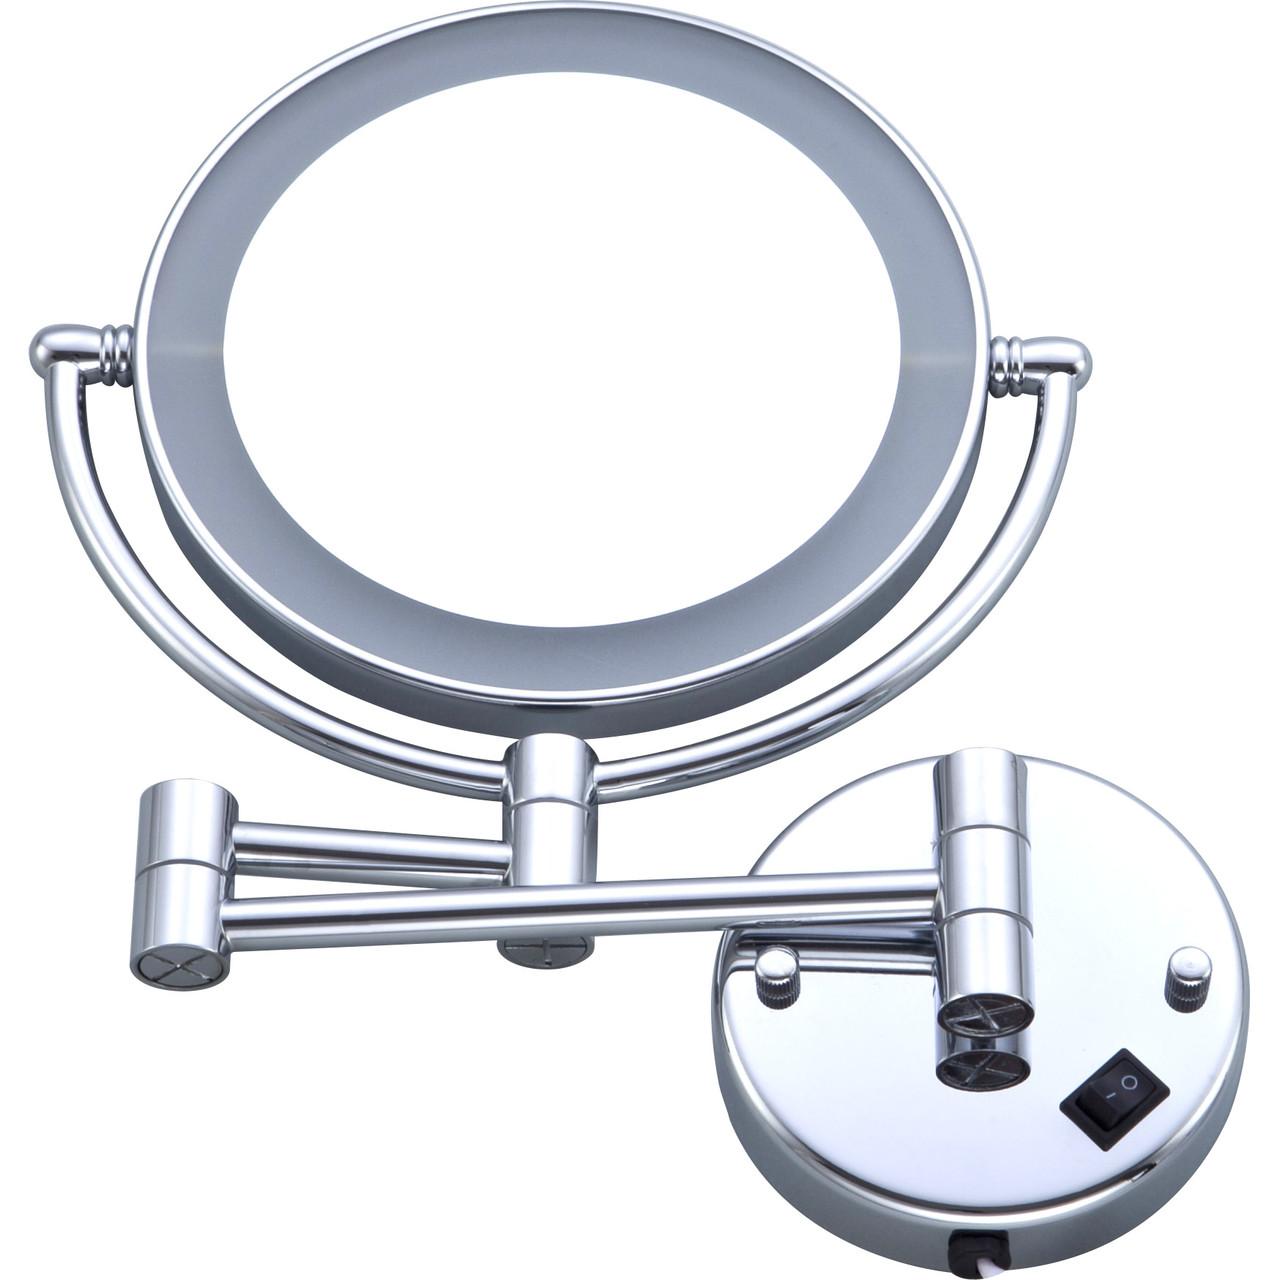 Зеркало косметическое HS-519 настенное, LED подсветка, 3х кратное увеличение